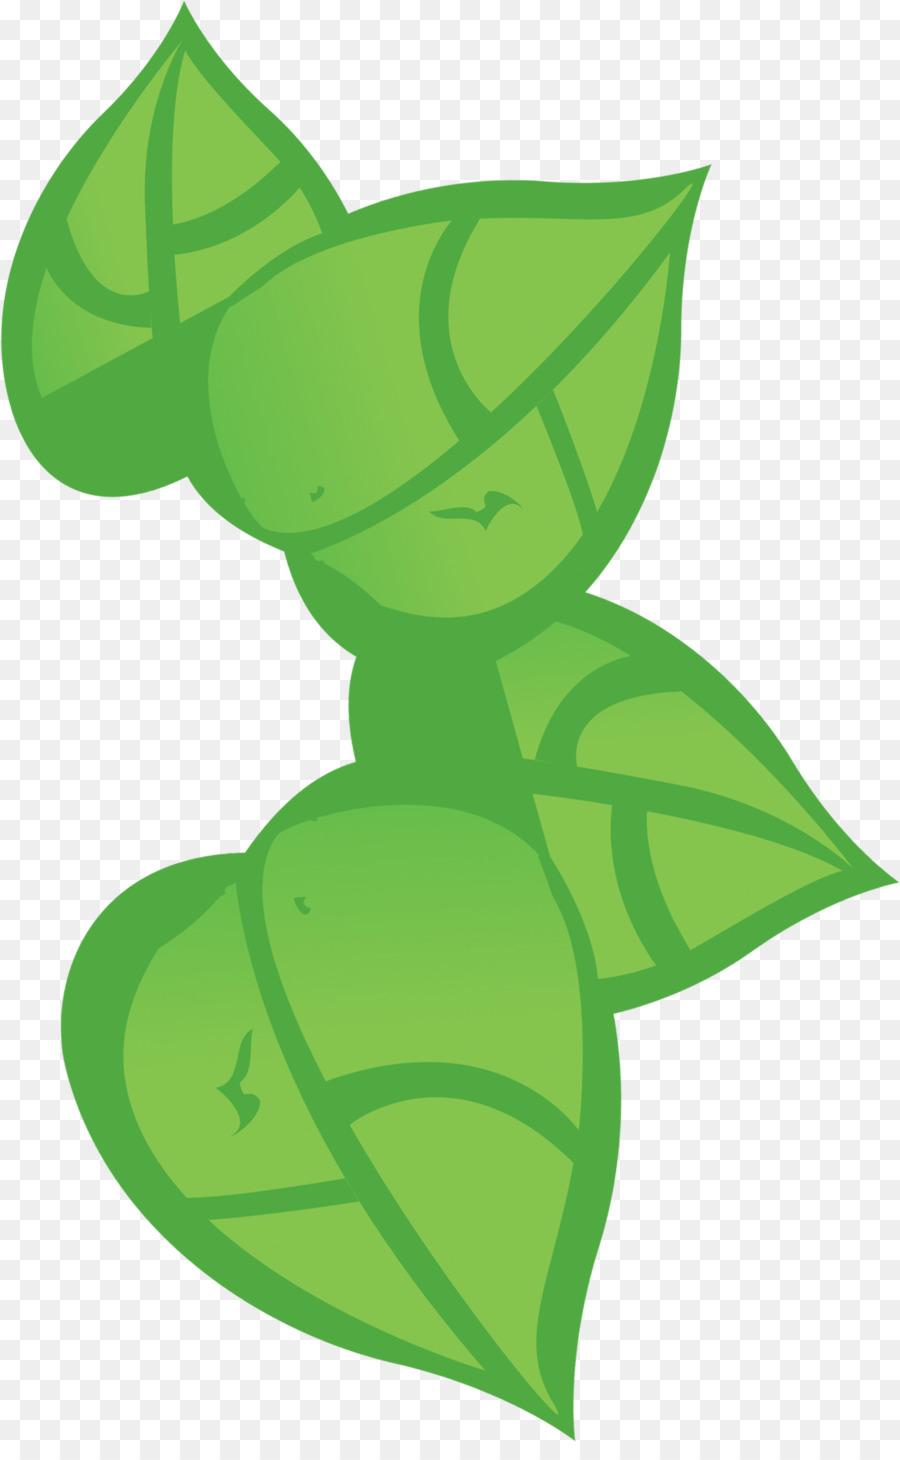 Descarga gratuita de Hoja, Verde, Material Imágen de Png